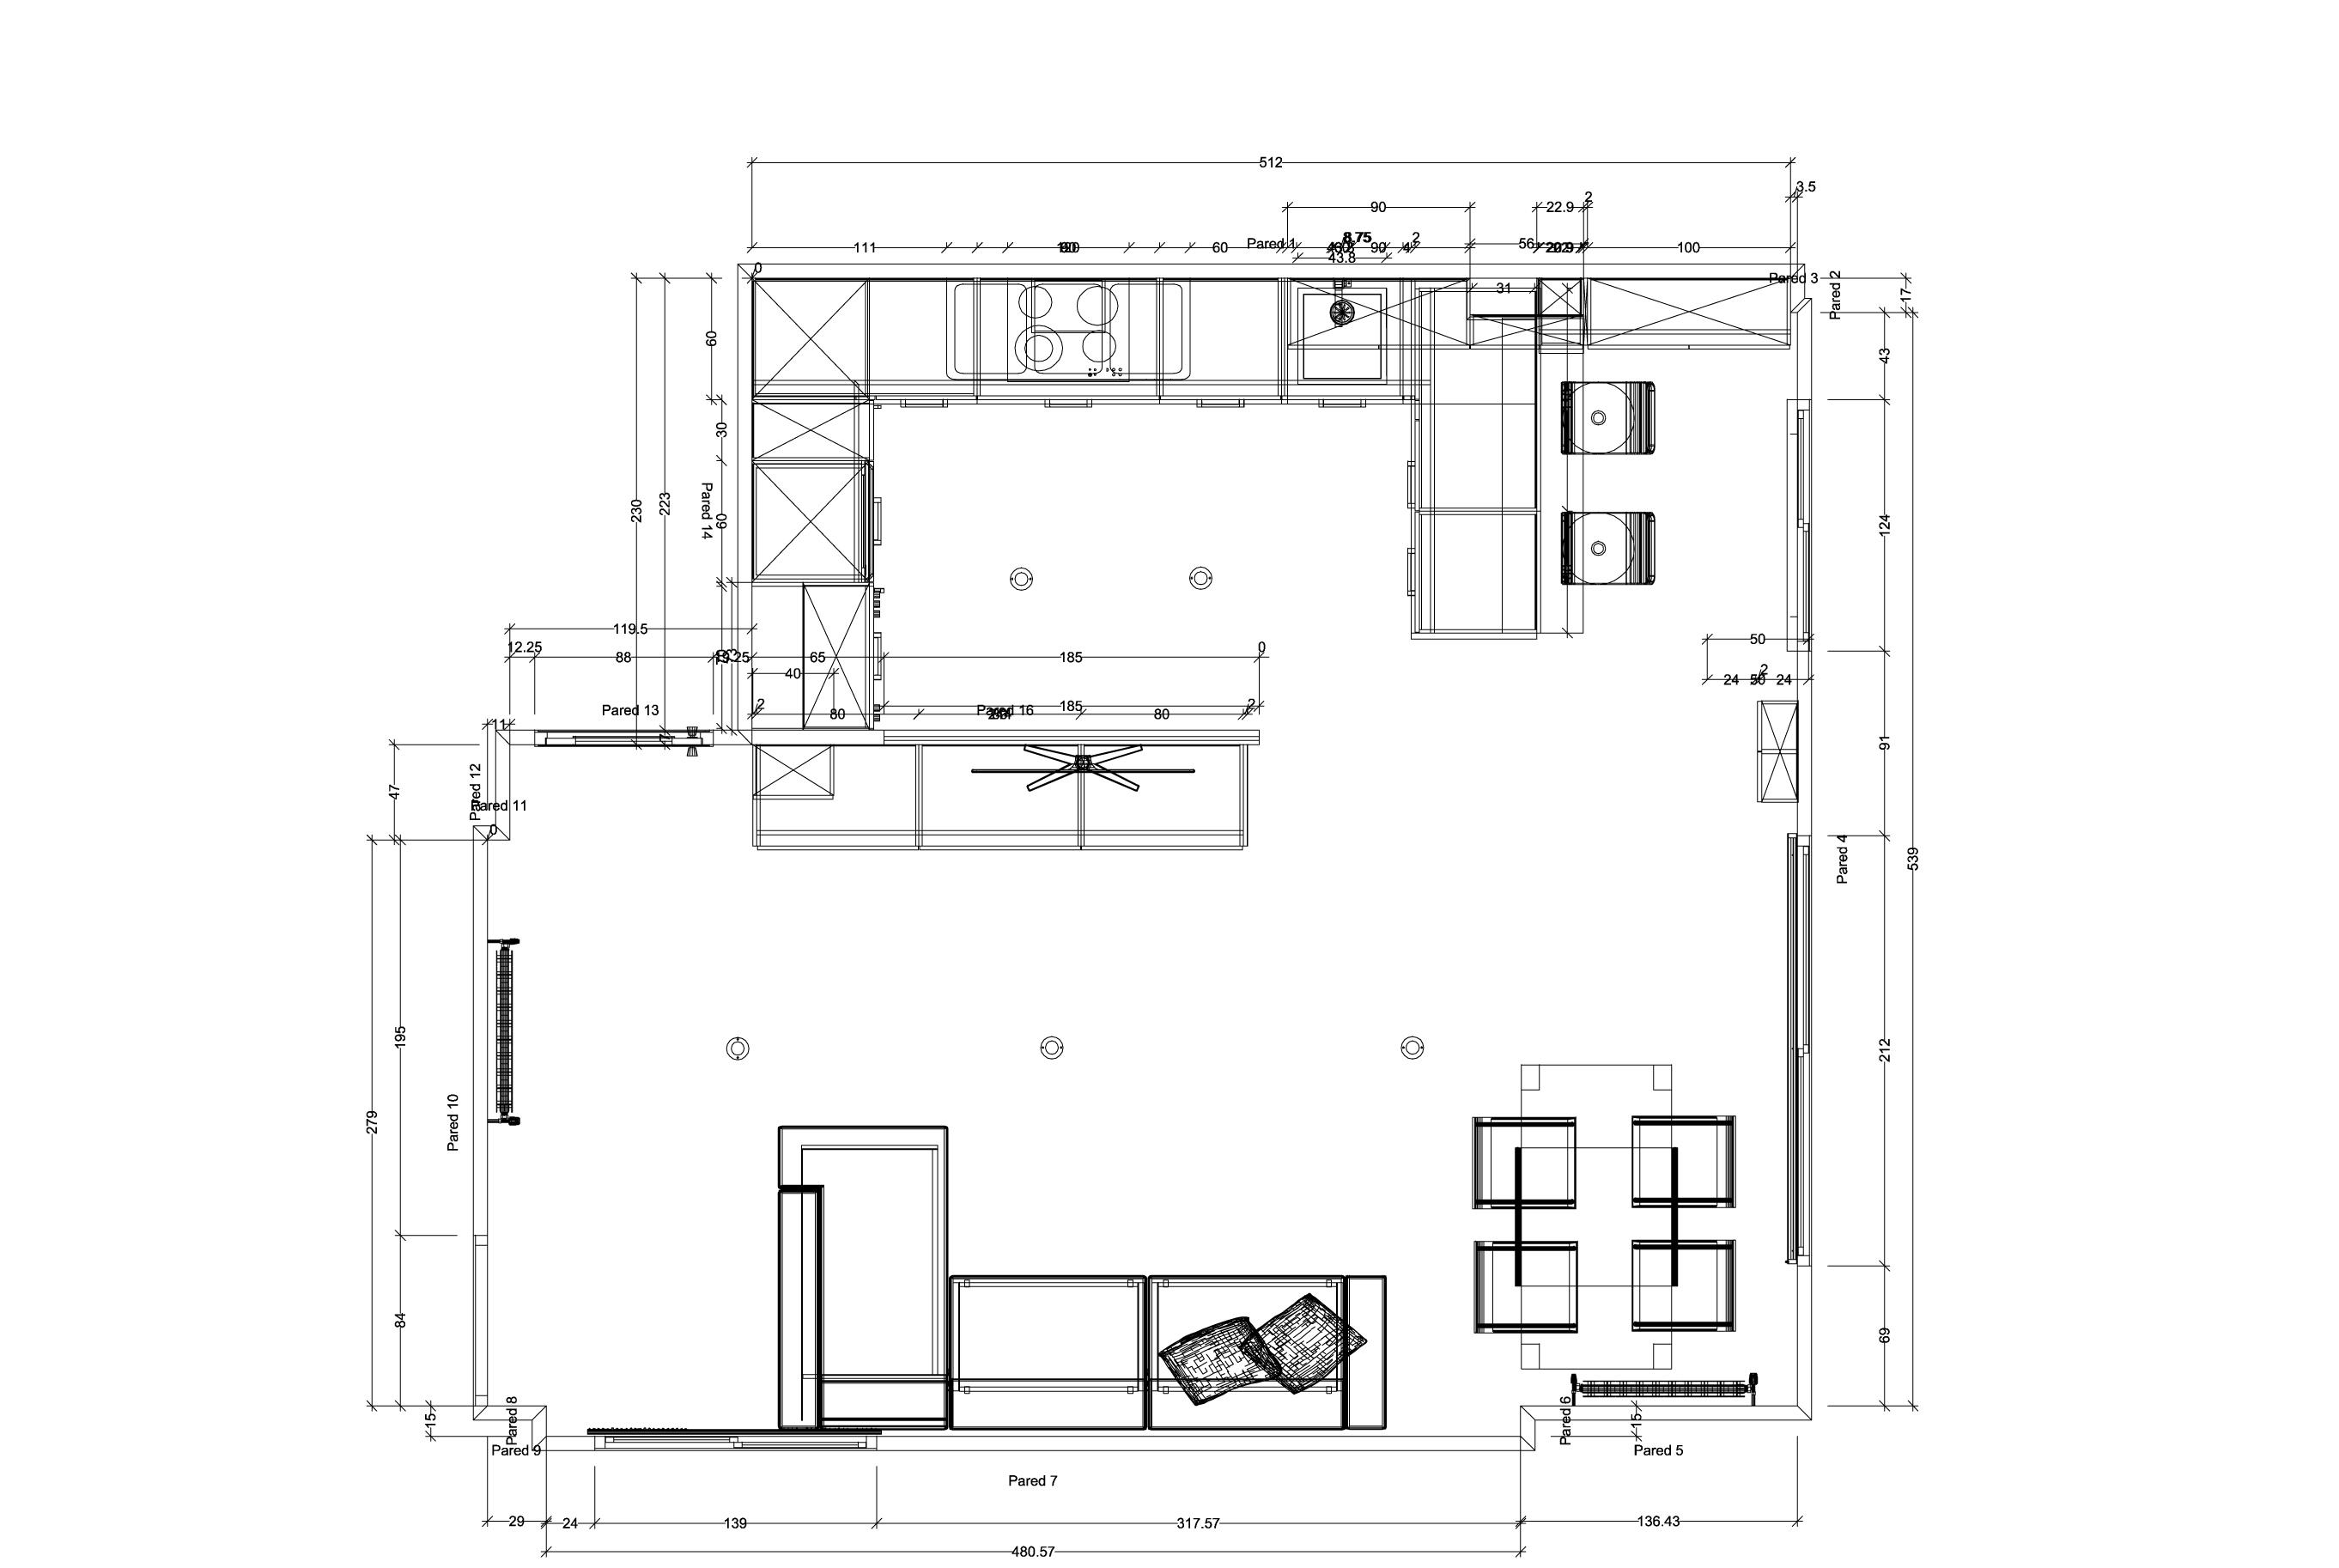 Plano de una cocina finest perfect plano cocina for Plano de una cocina profesional